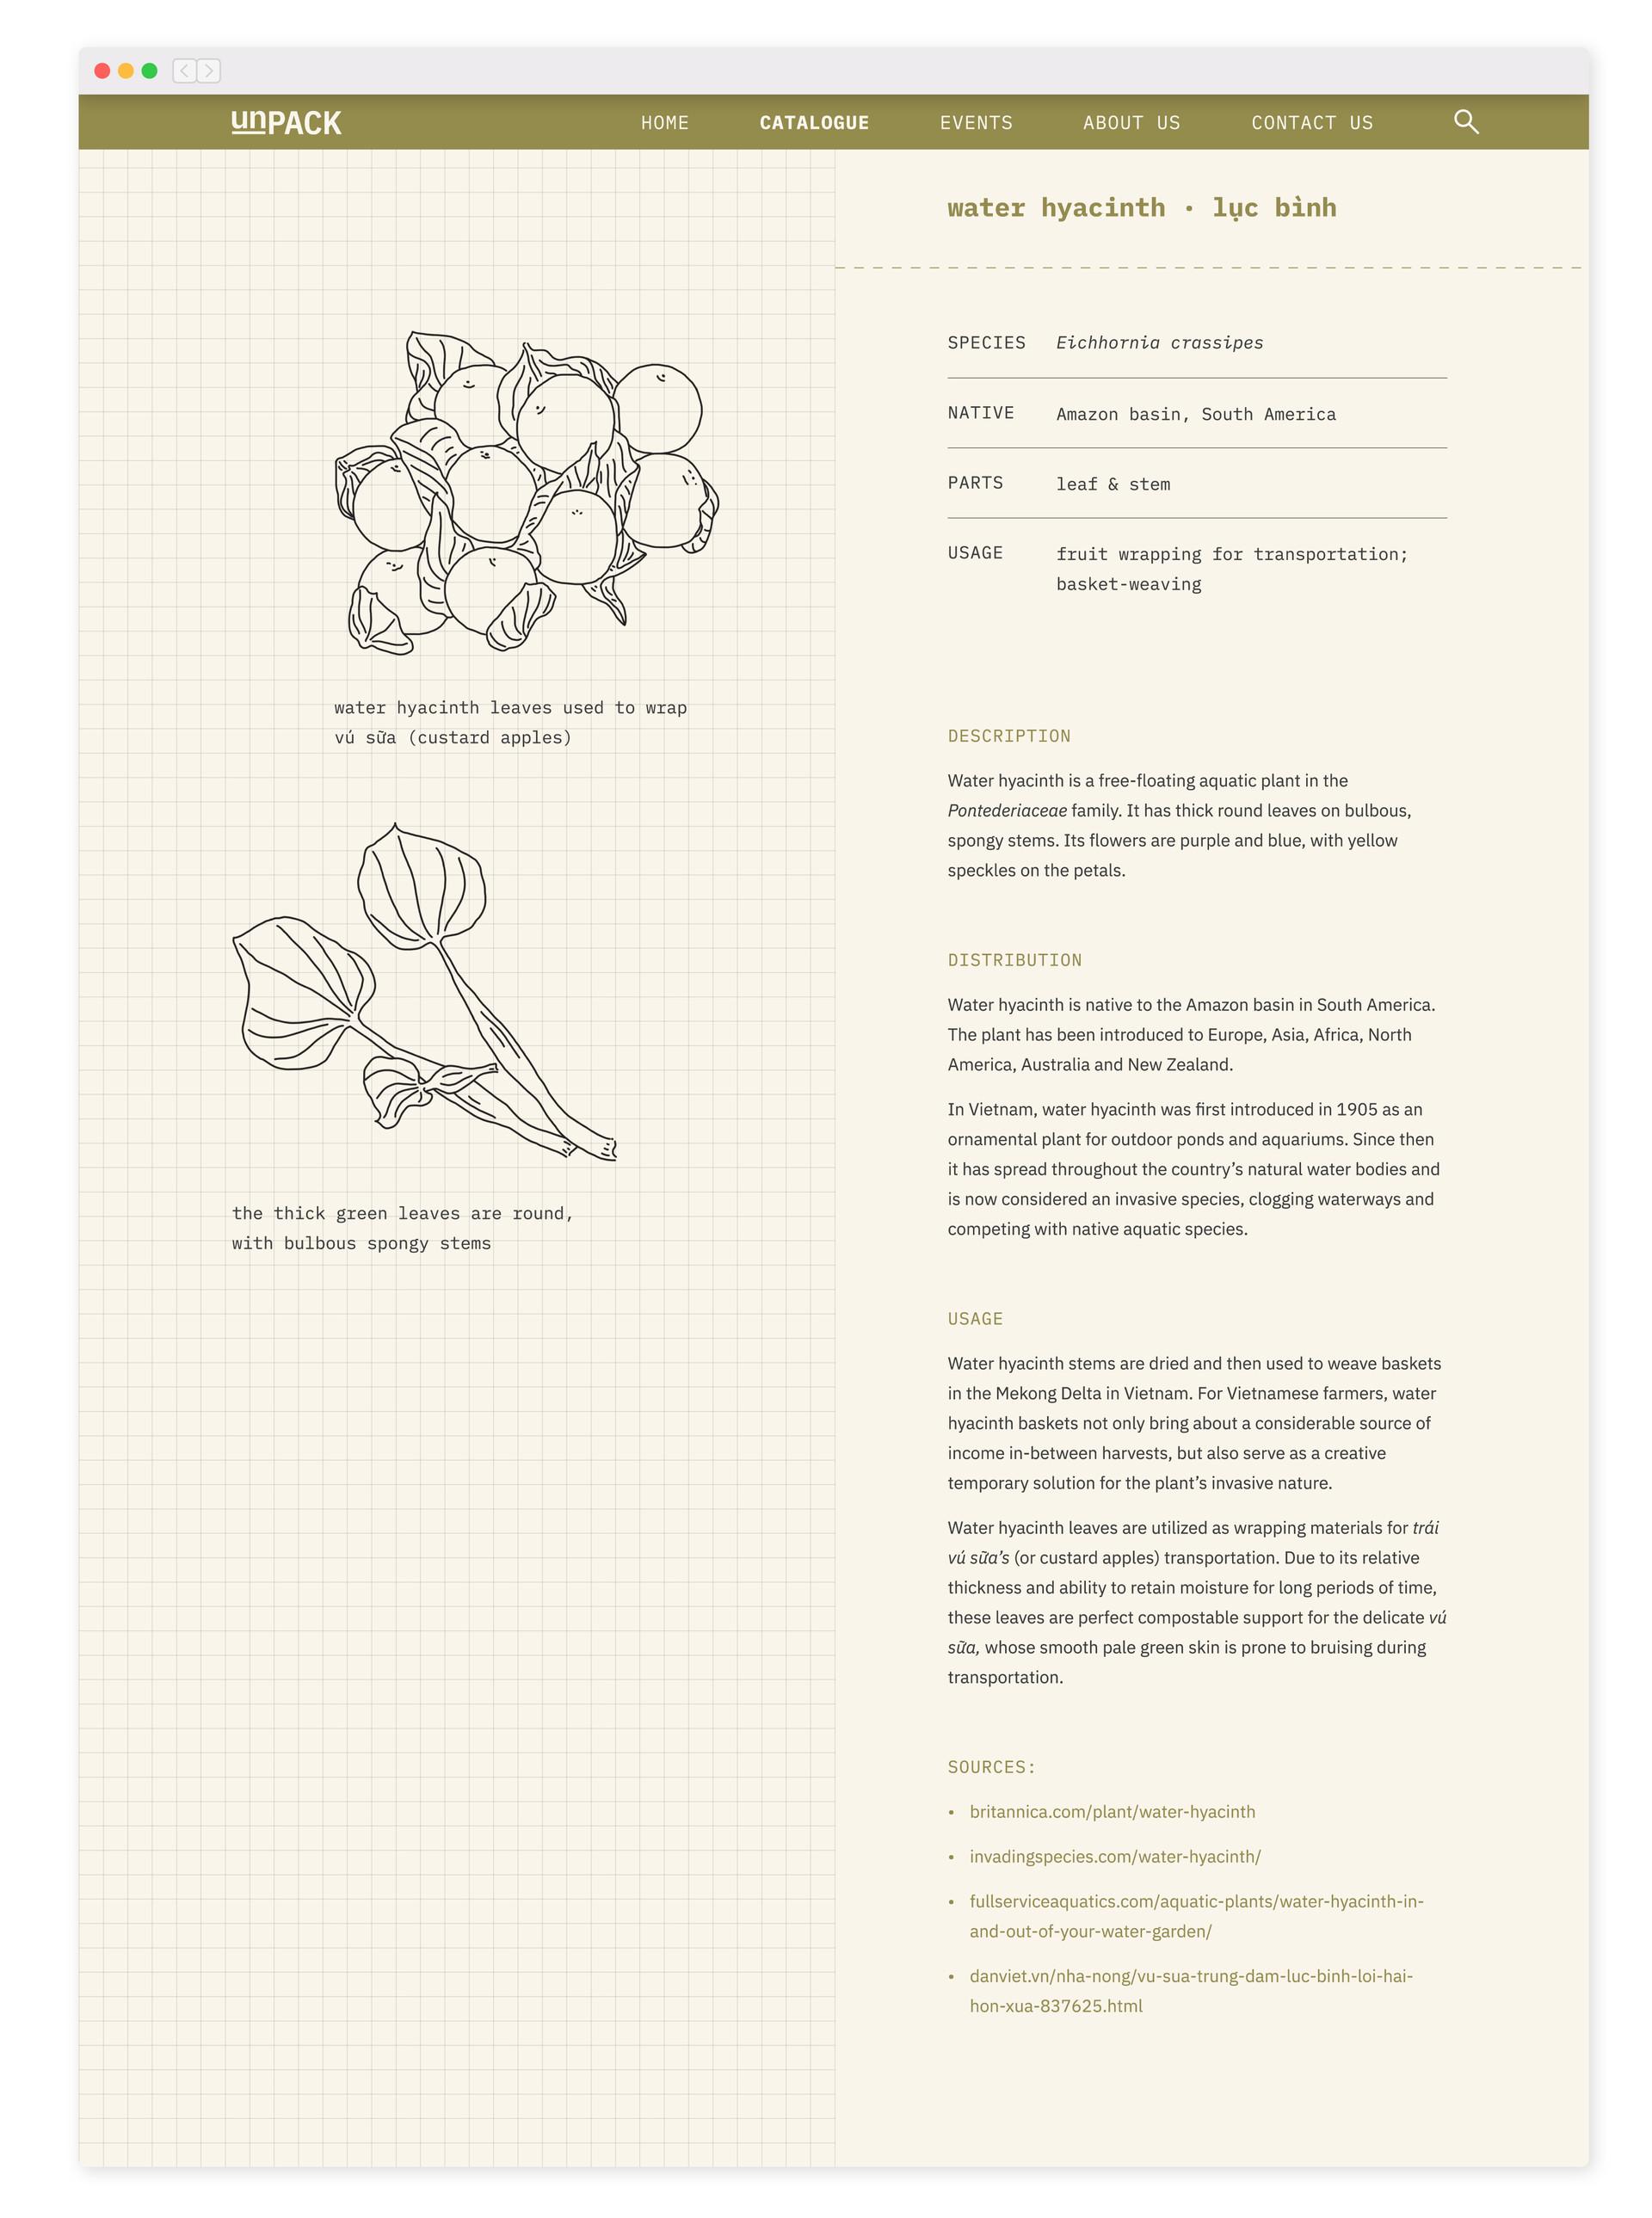 triet-pham-unpack-web-design-03.jpg